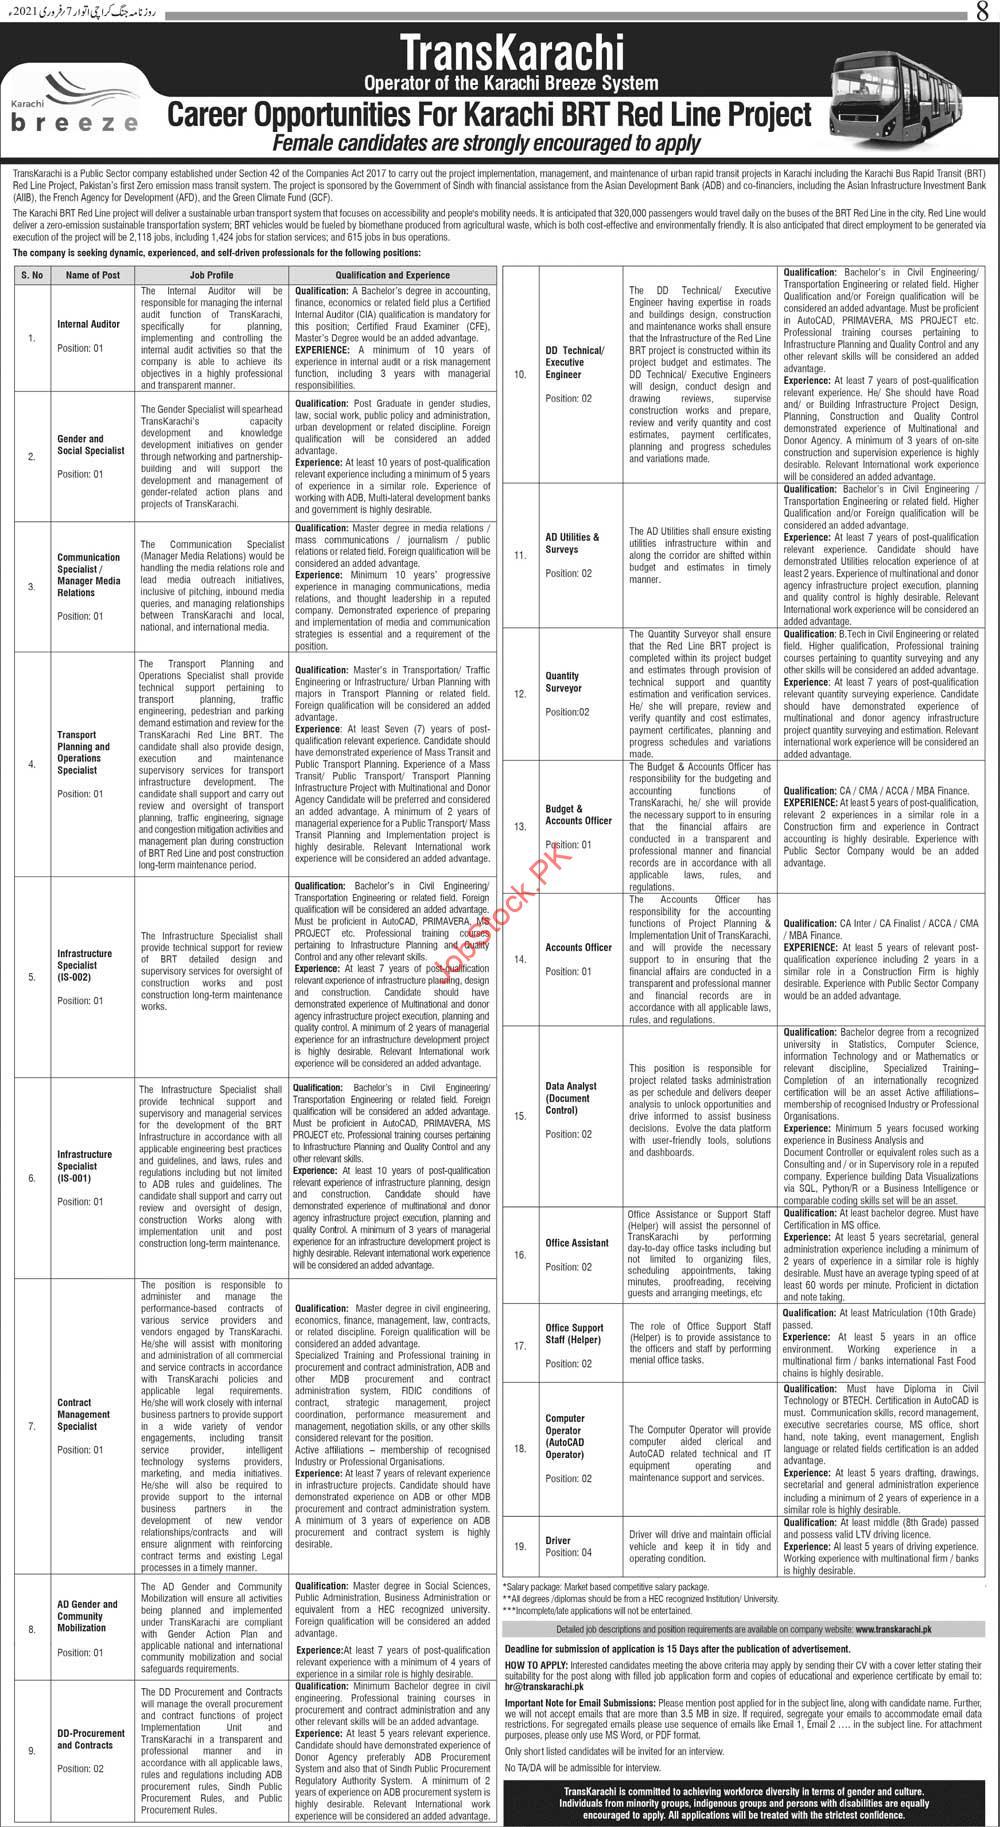 Brt Red Line Karachi Jobs 2021 Transkarachi Project